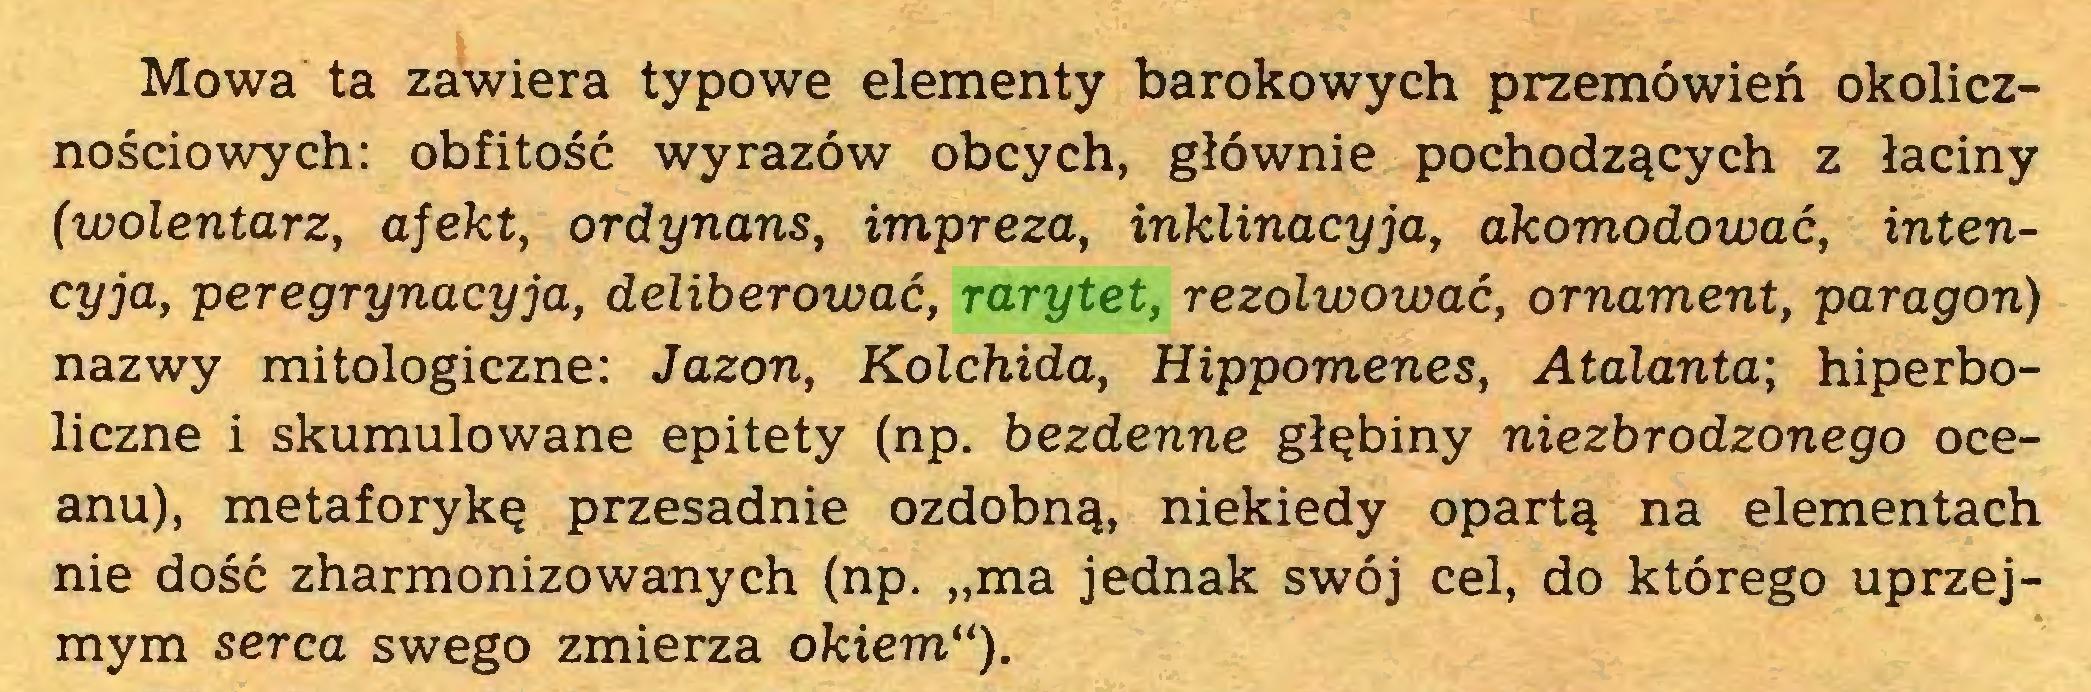 """(...) Mowa ta zawiera typowe elementy barokowych przemówień okolicznościowych: obfitość wyrazów obcych, głównie pochodzących z łaciny (wolentarz, afekt, ordynans, impreza, inklinacyja, akomodować, intencyja, peregrynacyja, deliberować, rarytet, rezolwować, ornament, paragon) nazwy mitologiczne: Jazon, Kolchida, Hippomenes, Atalanta; hiperboliczne i skumulowane epitety (np. bezdenne głębiny niezbrodzonego oceanu), metaforykę przesadnie ozdobną, niekiedy opartą na elementach nie dość zharmonizowanych (np. """"ma jednak swój cel, do którego uprzejmym serca swego zmierza okiem"""")..."""